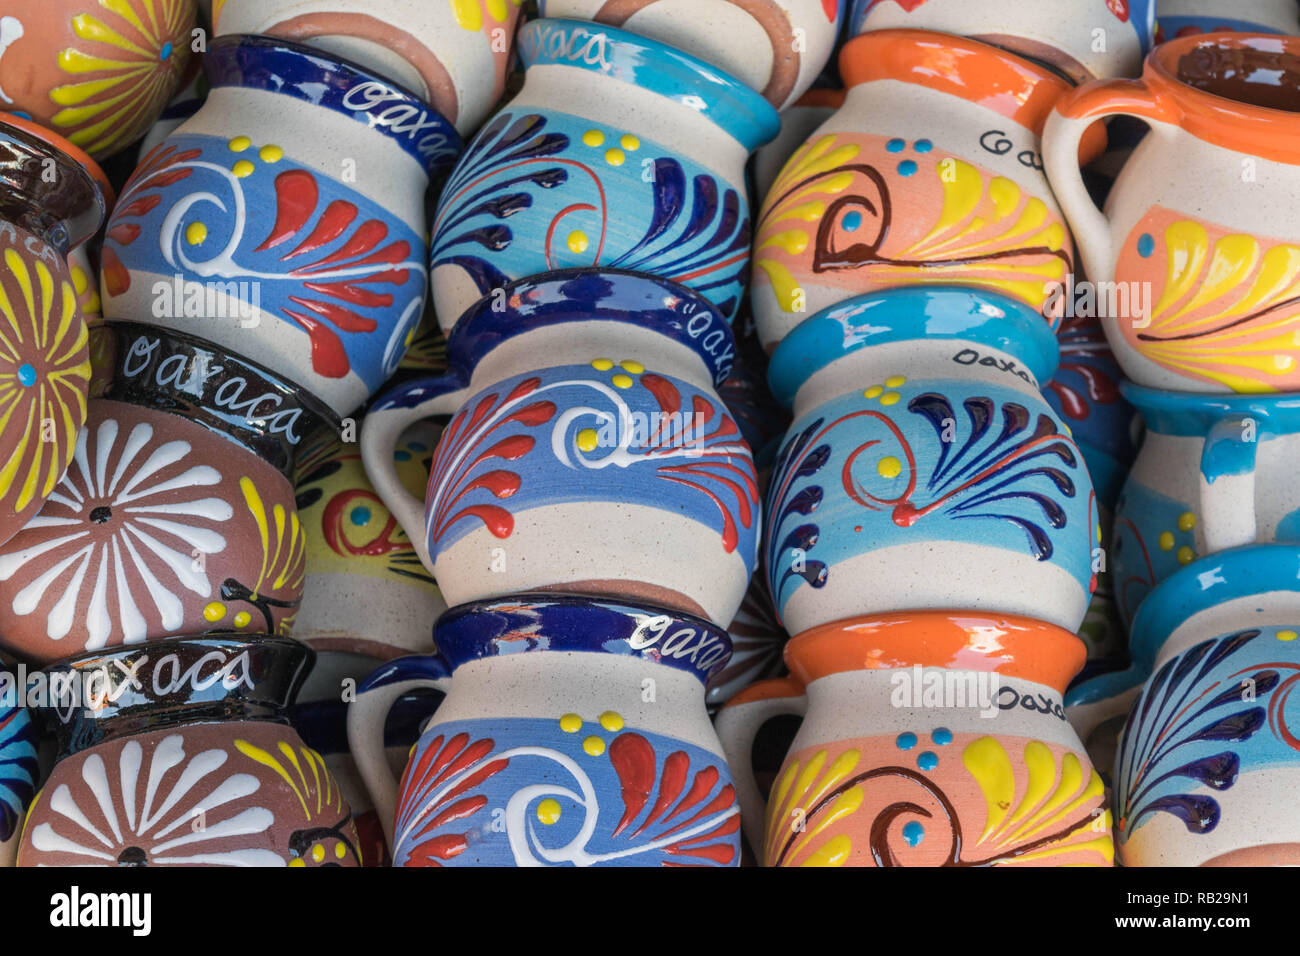 Isolierte, in der Nähe der bunten, dekorativer Becher, die Oaxaca auf sie geschrieben Stockfoto